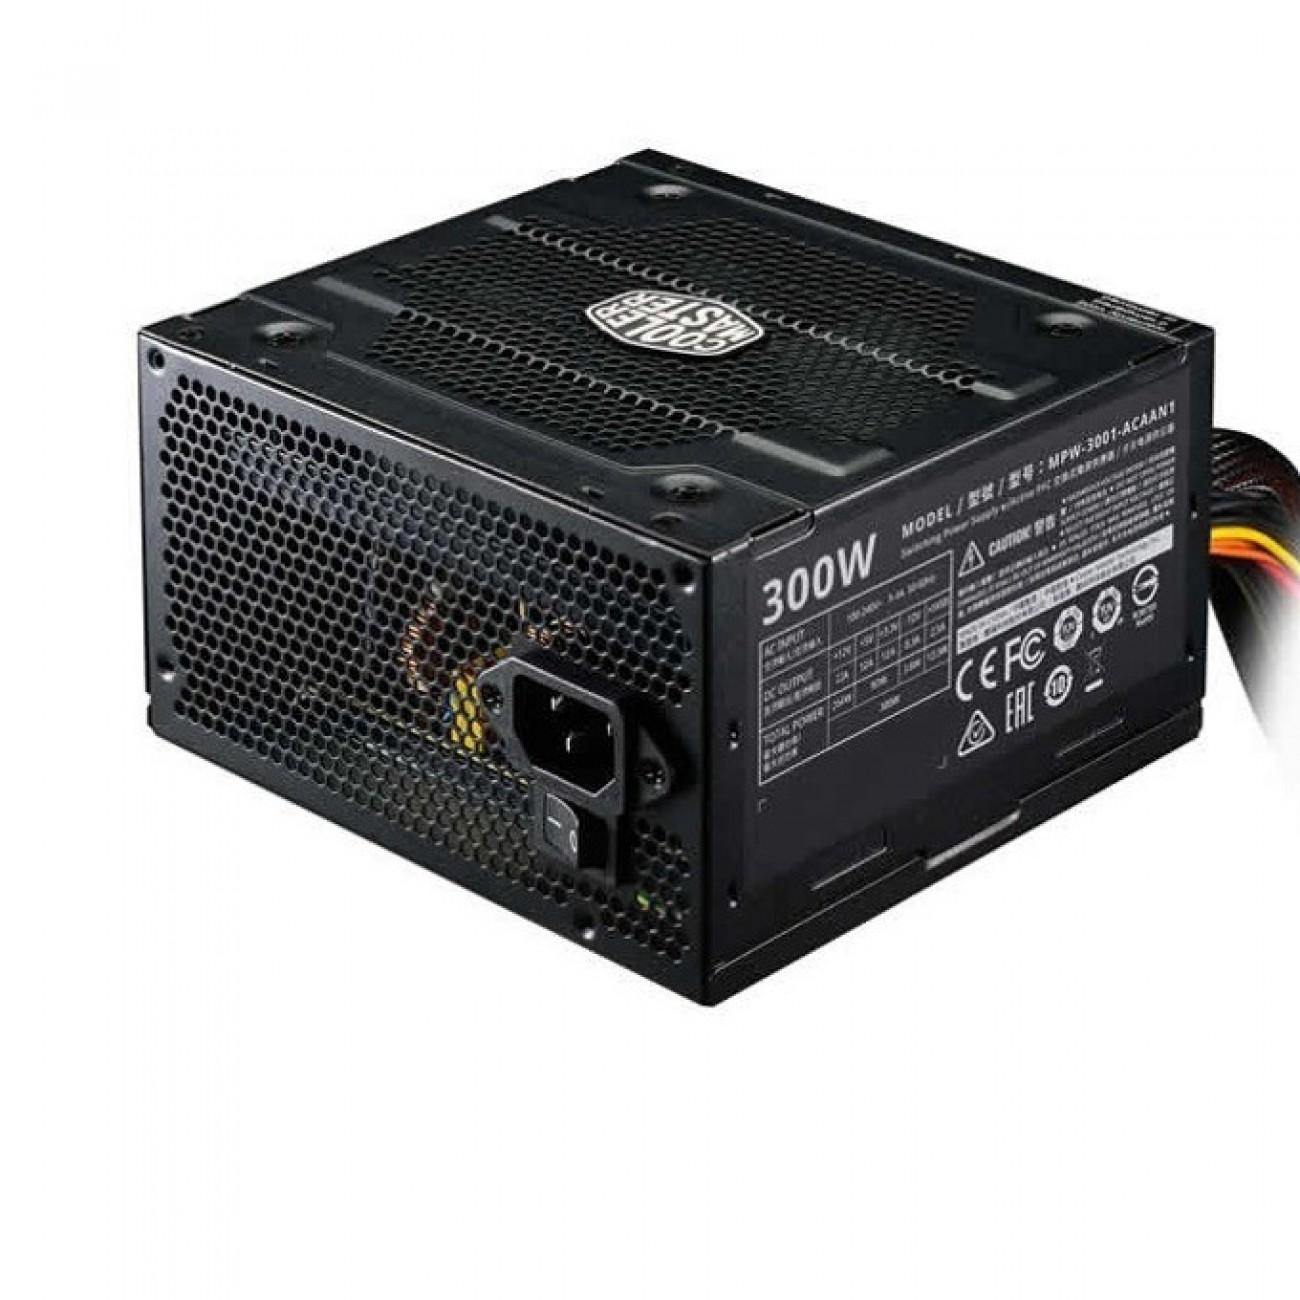 Захранване Cooler Master Elite V3, 300W, Active PFC, 80 Plus efficiency, 120mm вентилатор в Захранвания Настолни компютри -  | Alleop